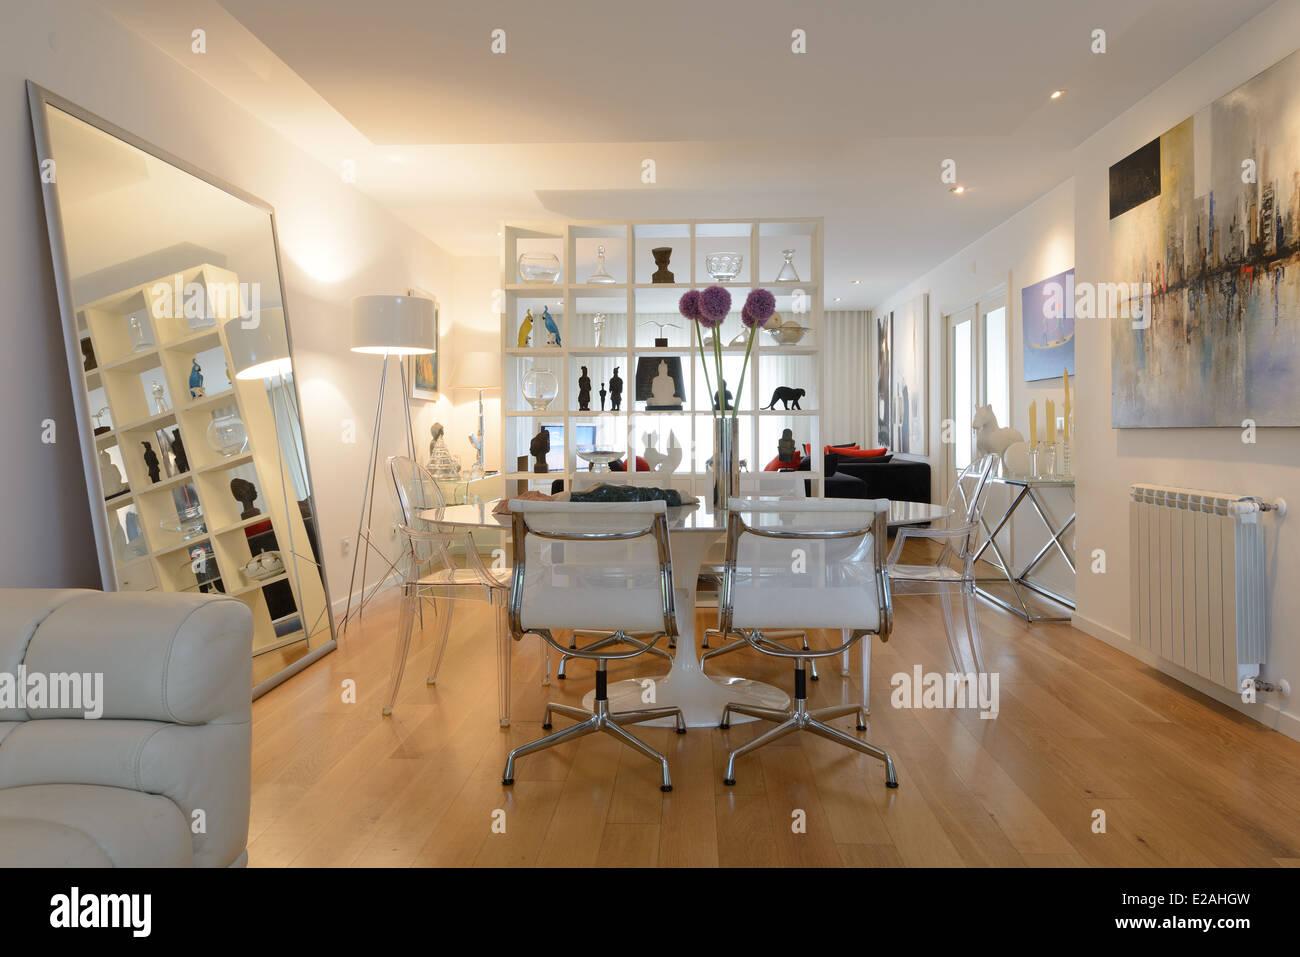 Mesa de comedor y sillas con un diseño interior moderno y contemporáneo salón Imagen De Stock